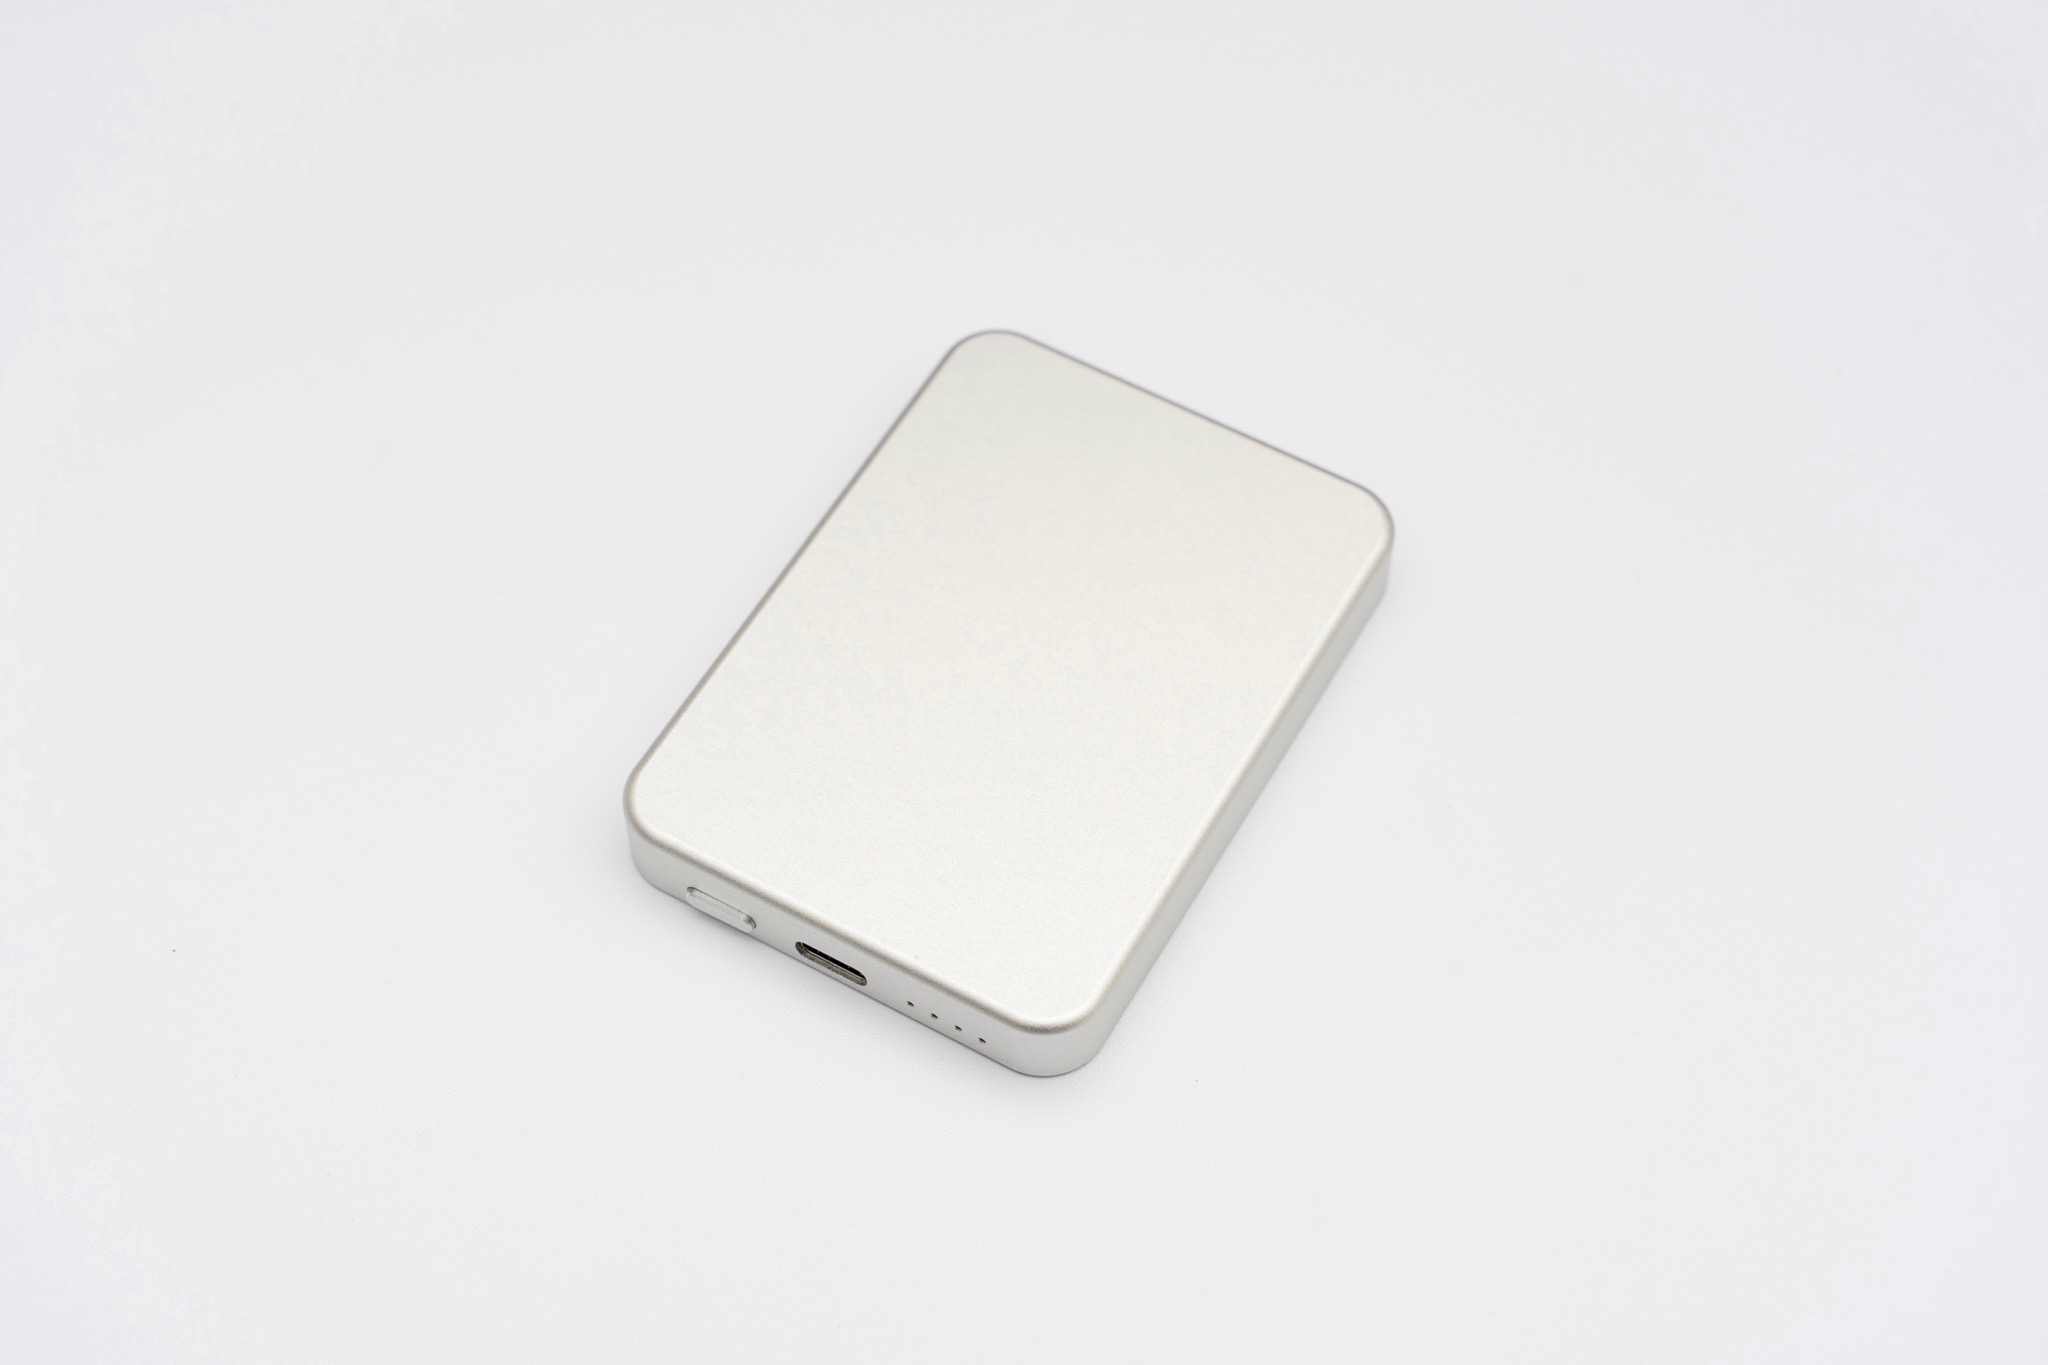 ワイヤレス充電に対応し、MagSafeを活かしてiPhone12の背面に固定できる理想のモバイルバッテリー